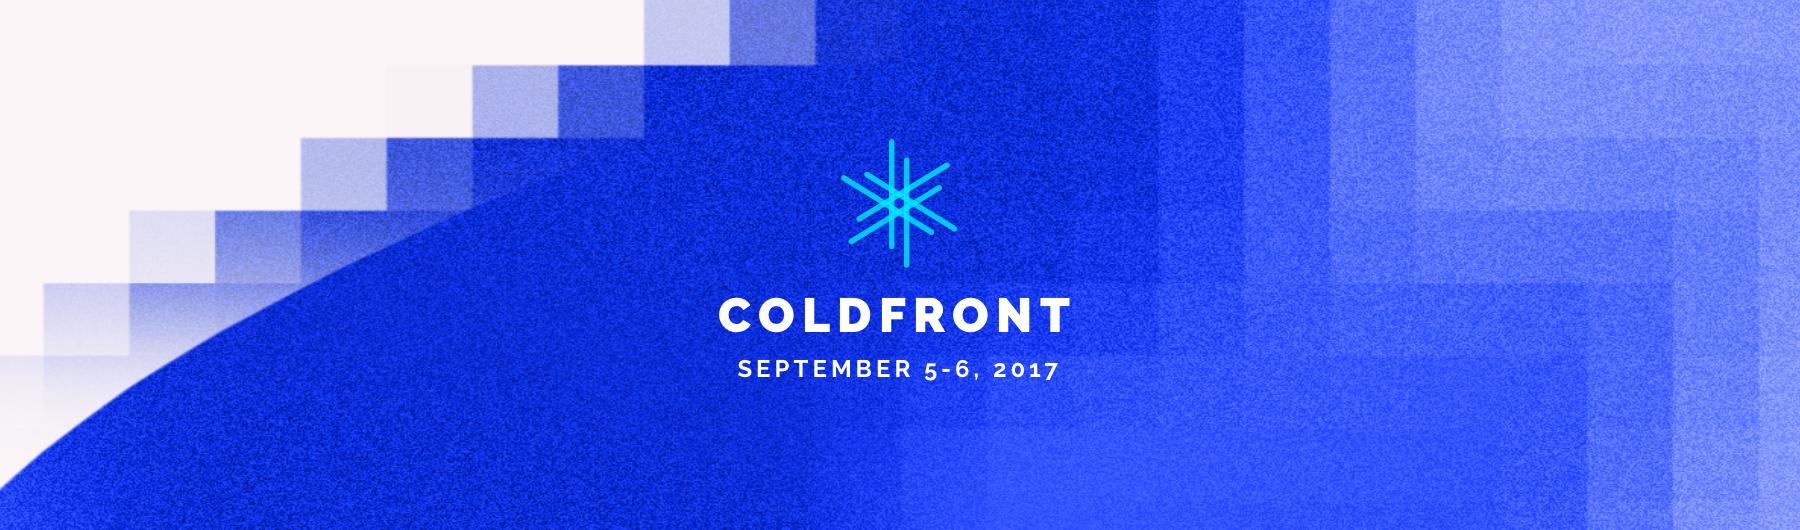 ColdFront 2017